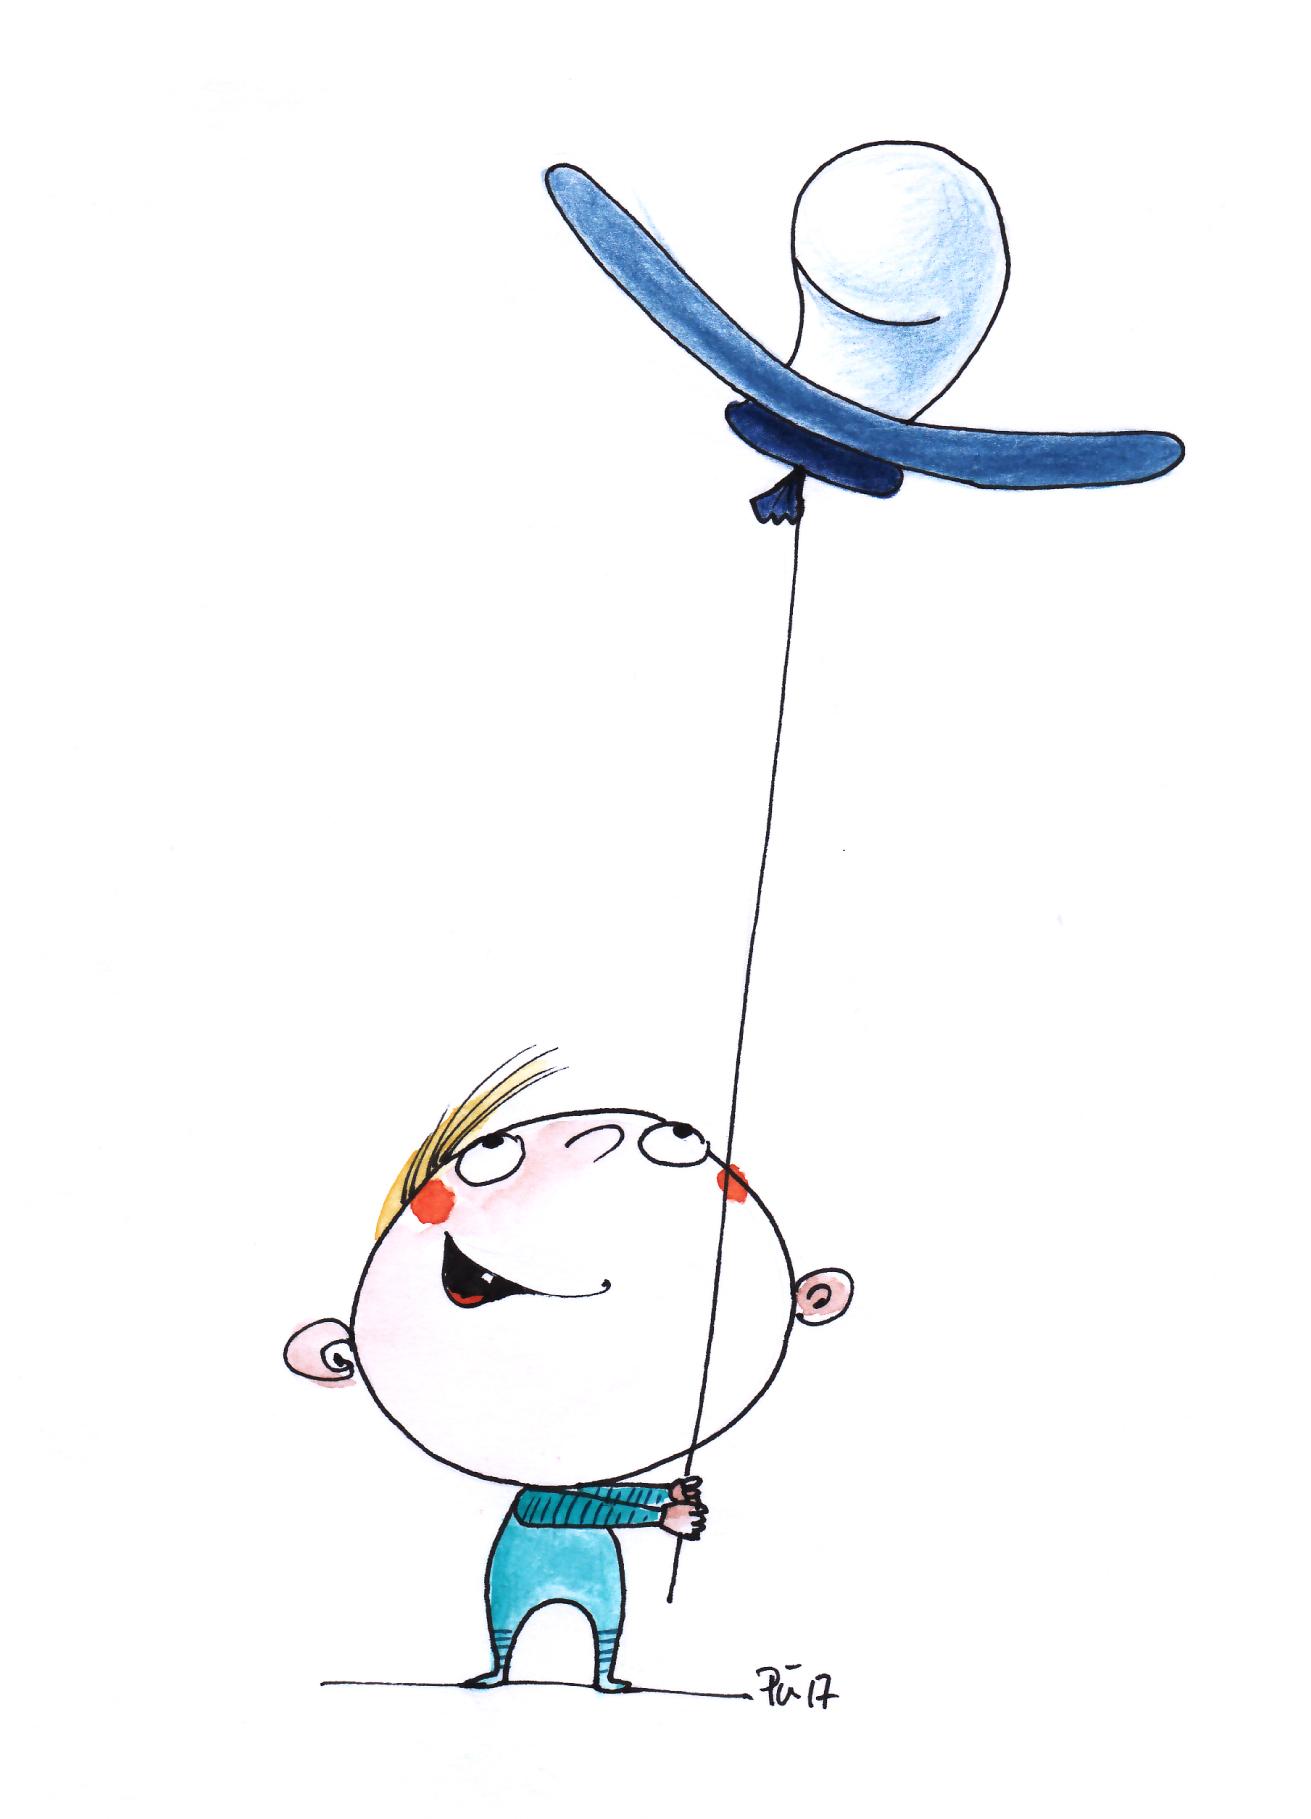 Der Nuckelluftballon - Geburt eines Jungen